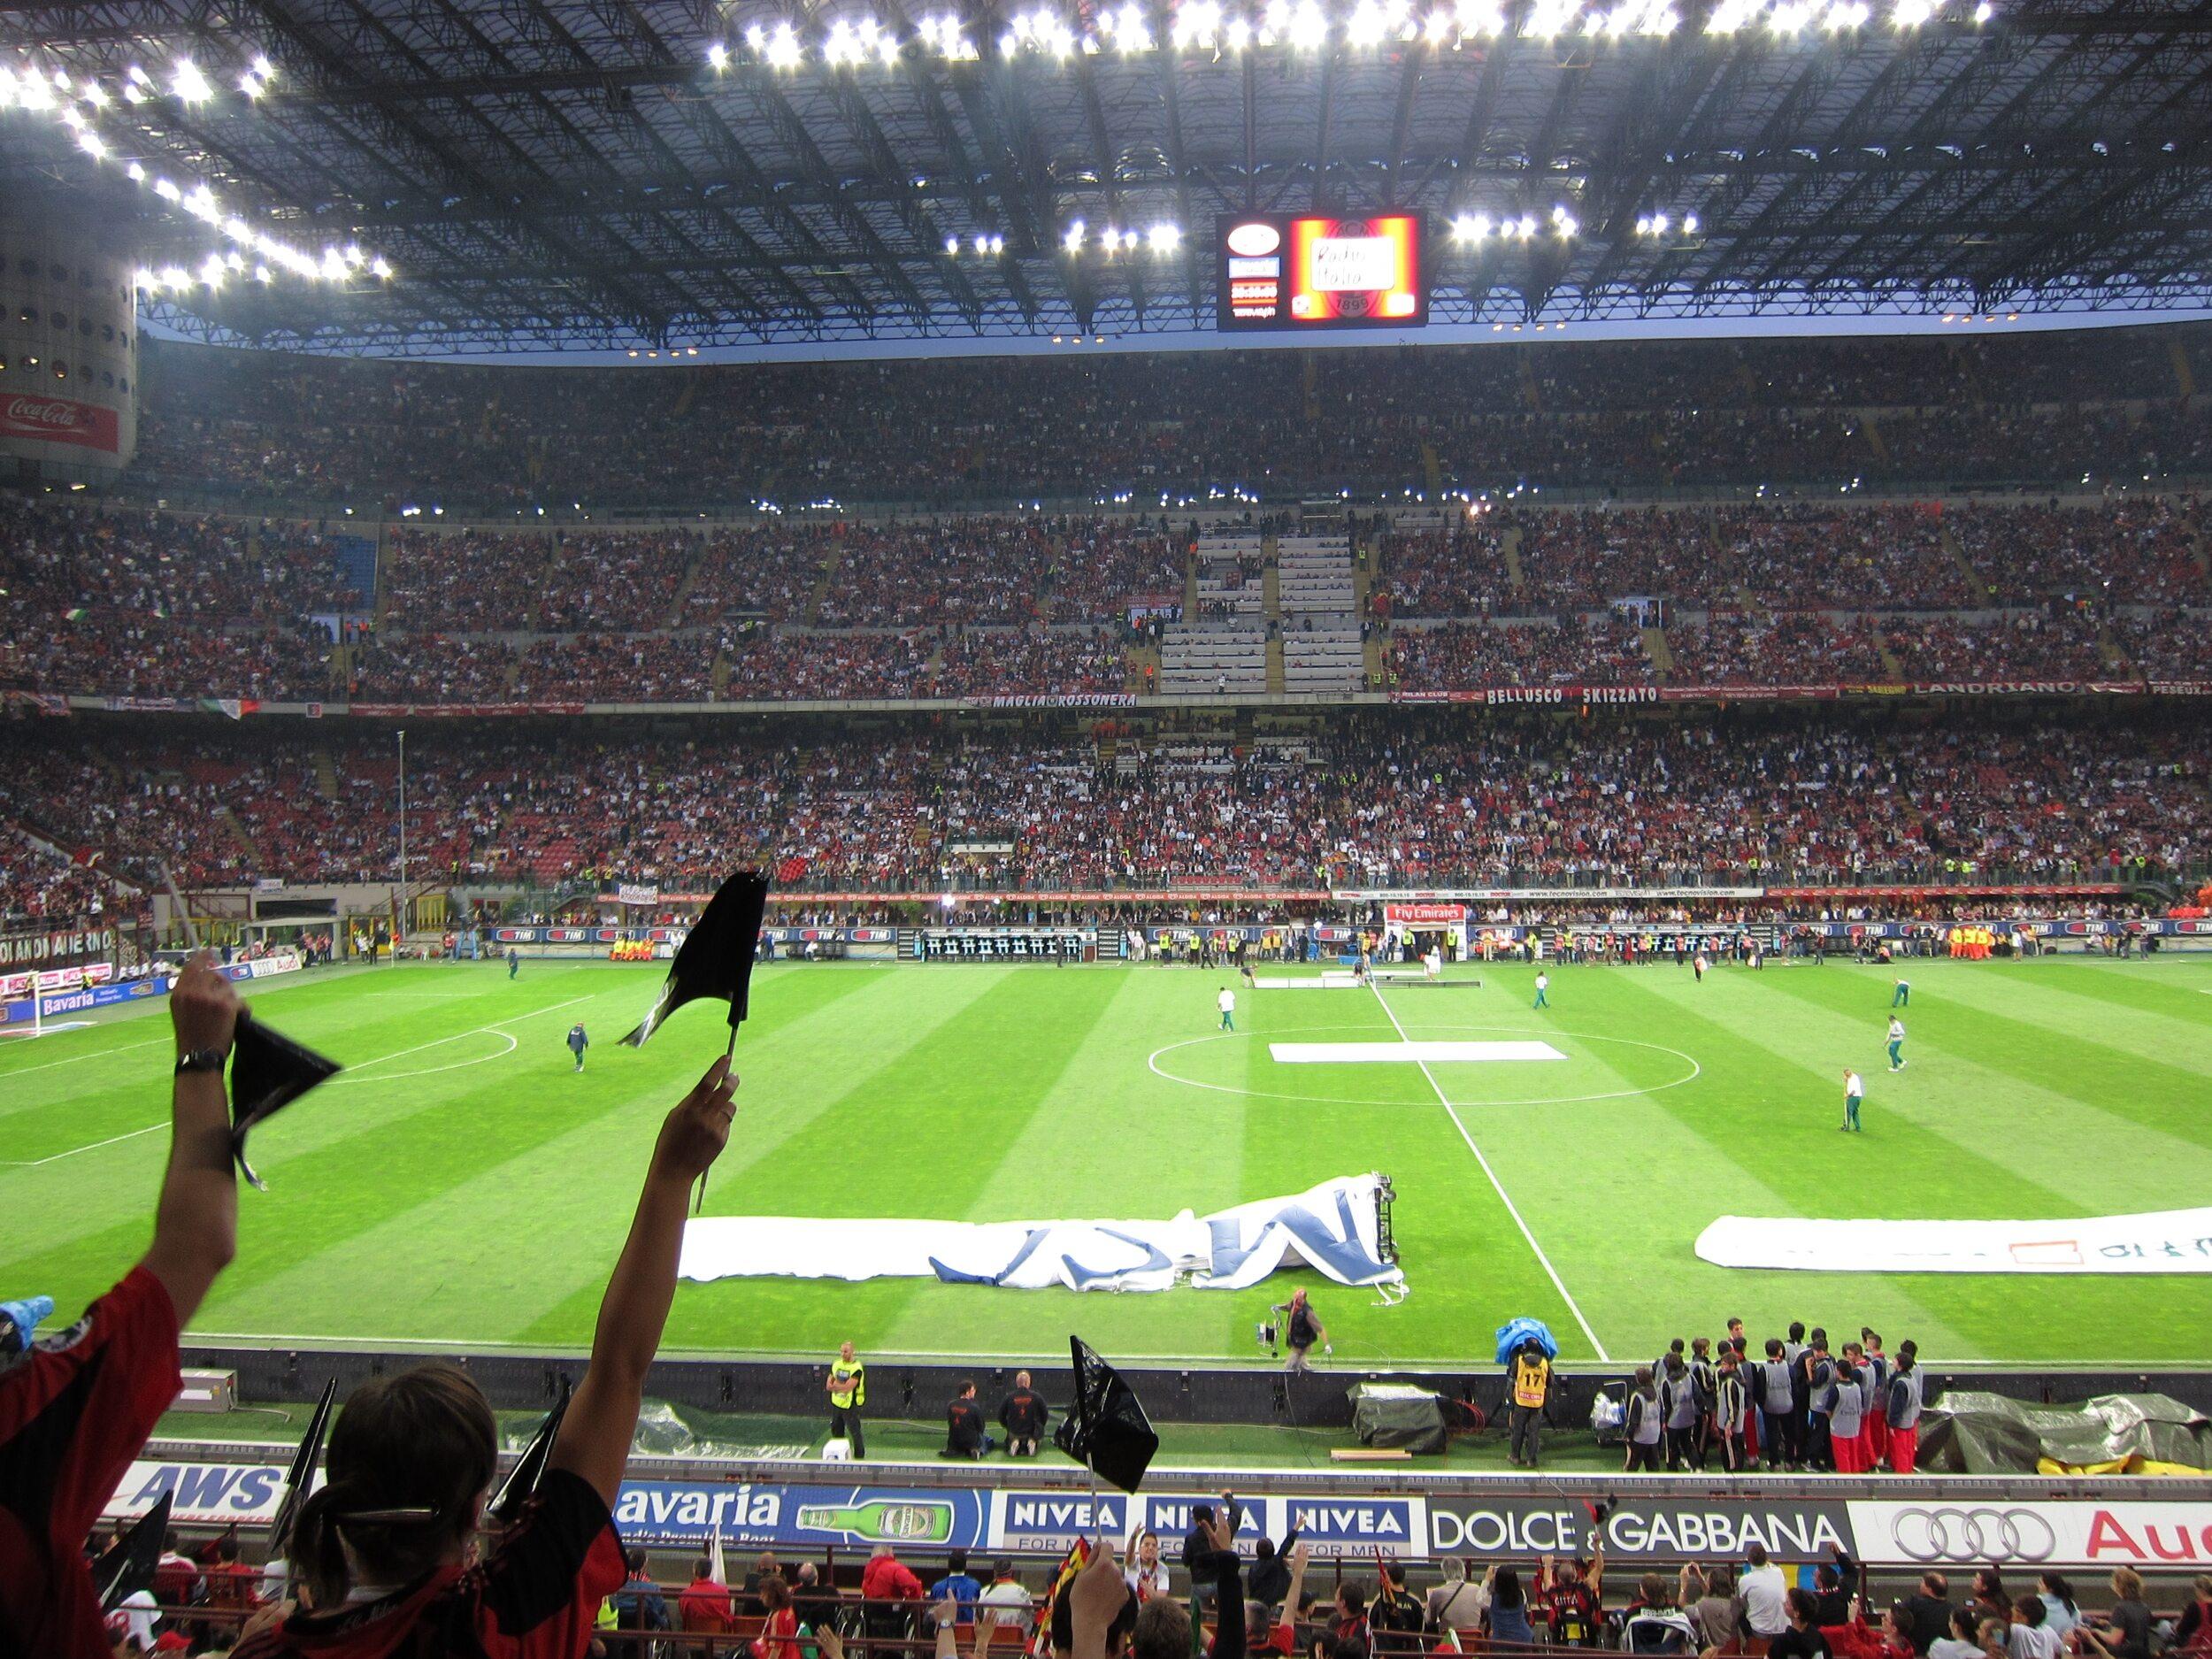 Stadion San Siro. Mecz AC Milanu